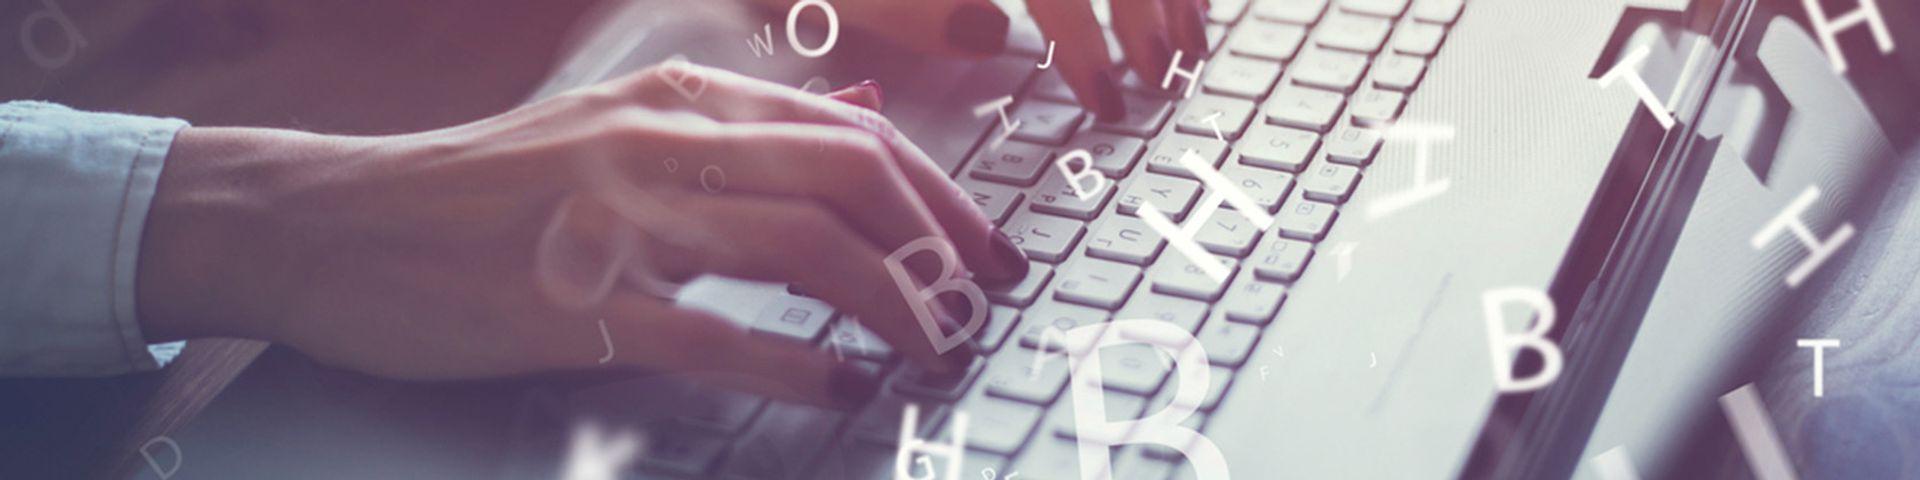 Blogs como herramientas de venta